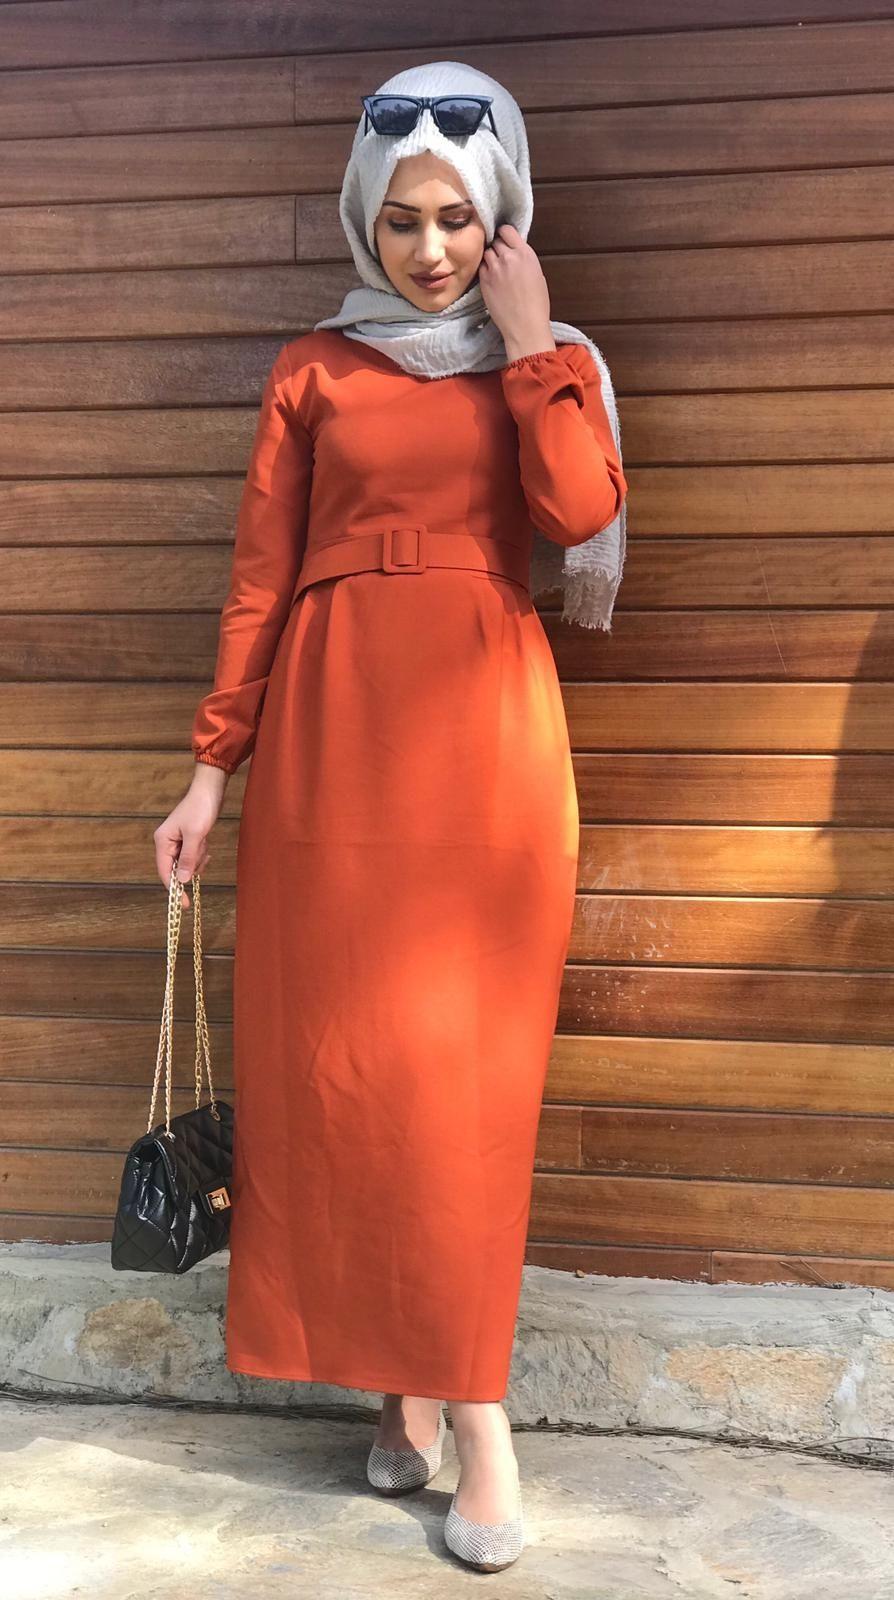 Modaonur Sik Tesettur Kalem Elbise Modelleri Moda Tesettur Giyim Elbise Modelleri Elbise Kalem Elbise